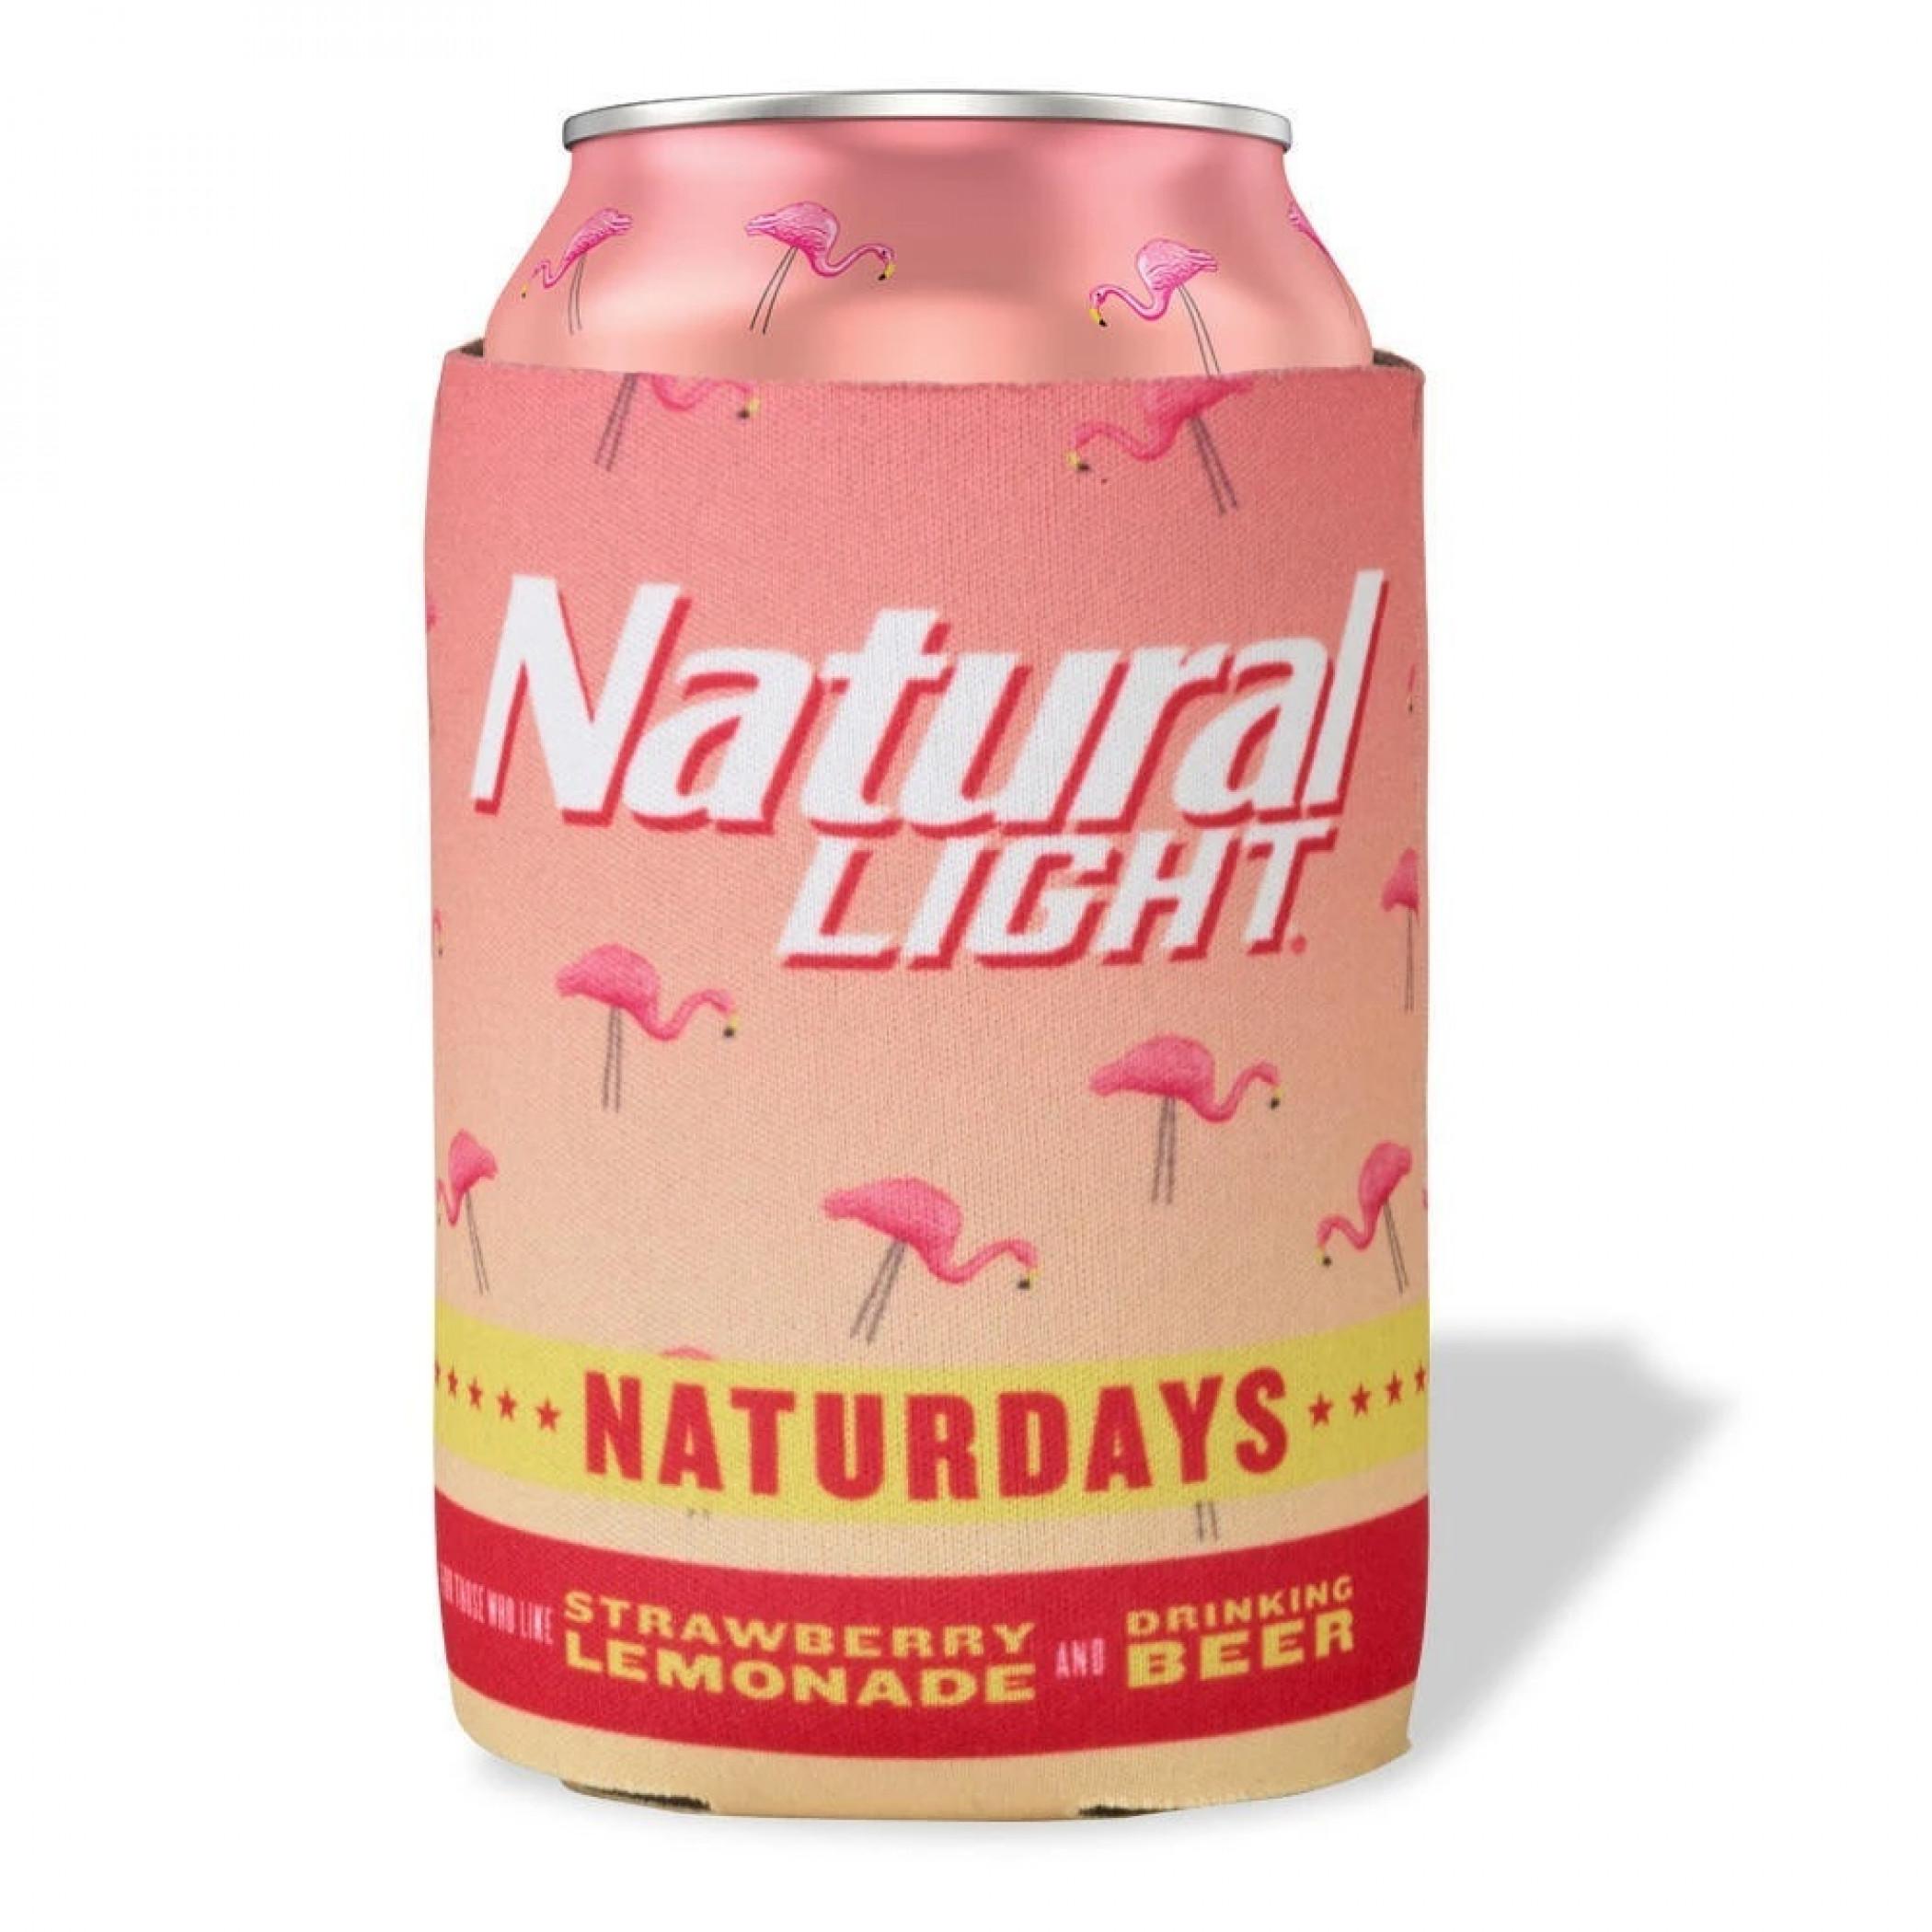 Natural Light Naturdays Pink Flamingo Can Cooler